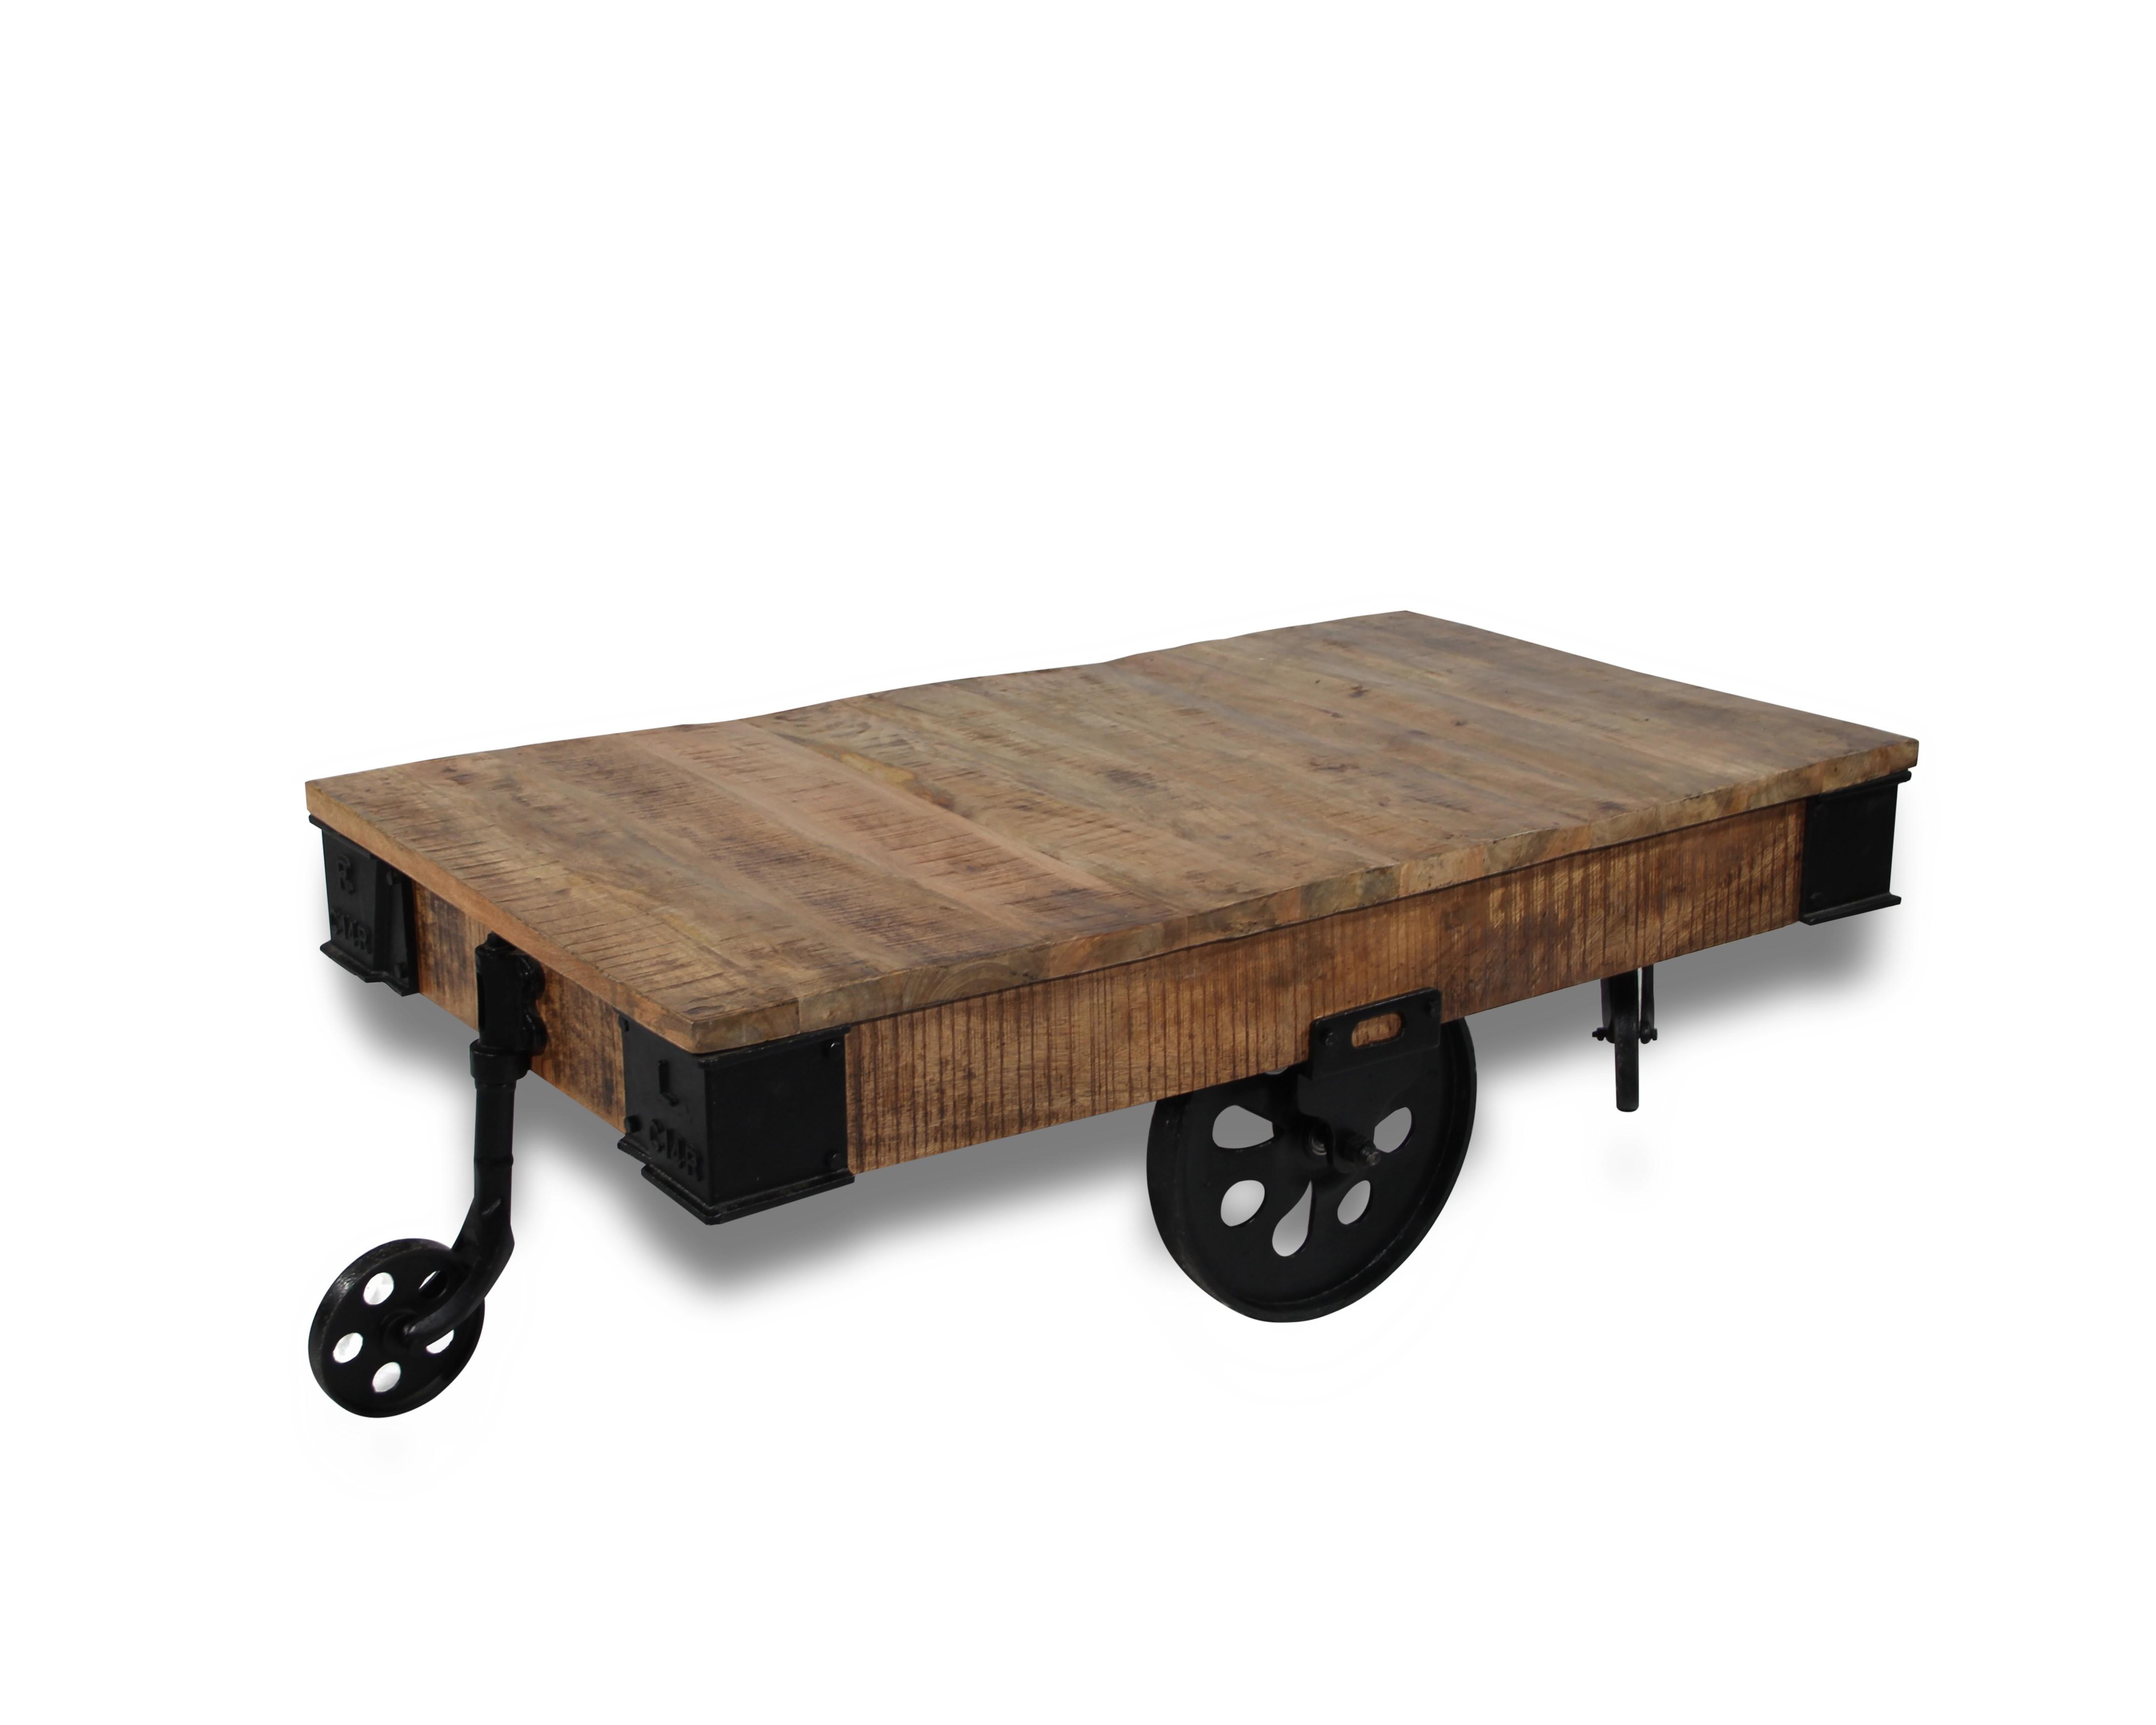 Couchtisch In Patiniert Holz Und Alte Räder Metall Industrie Stil